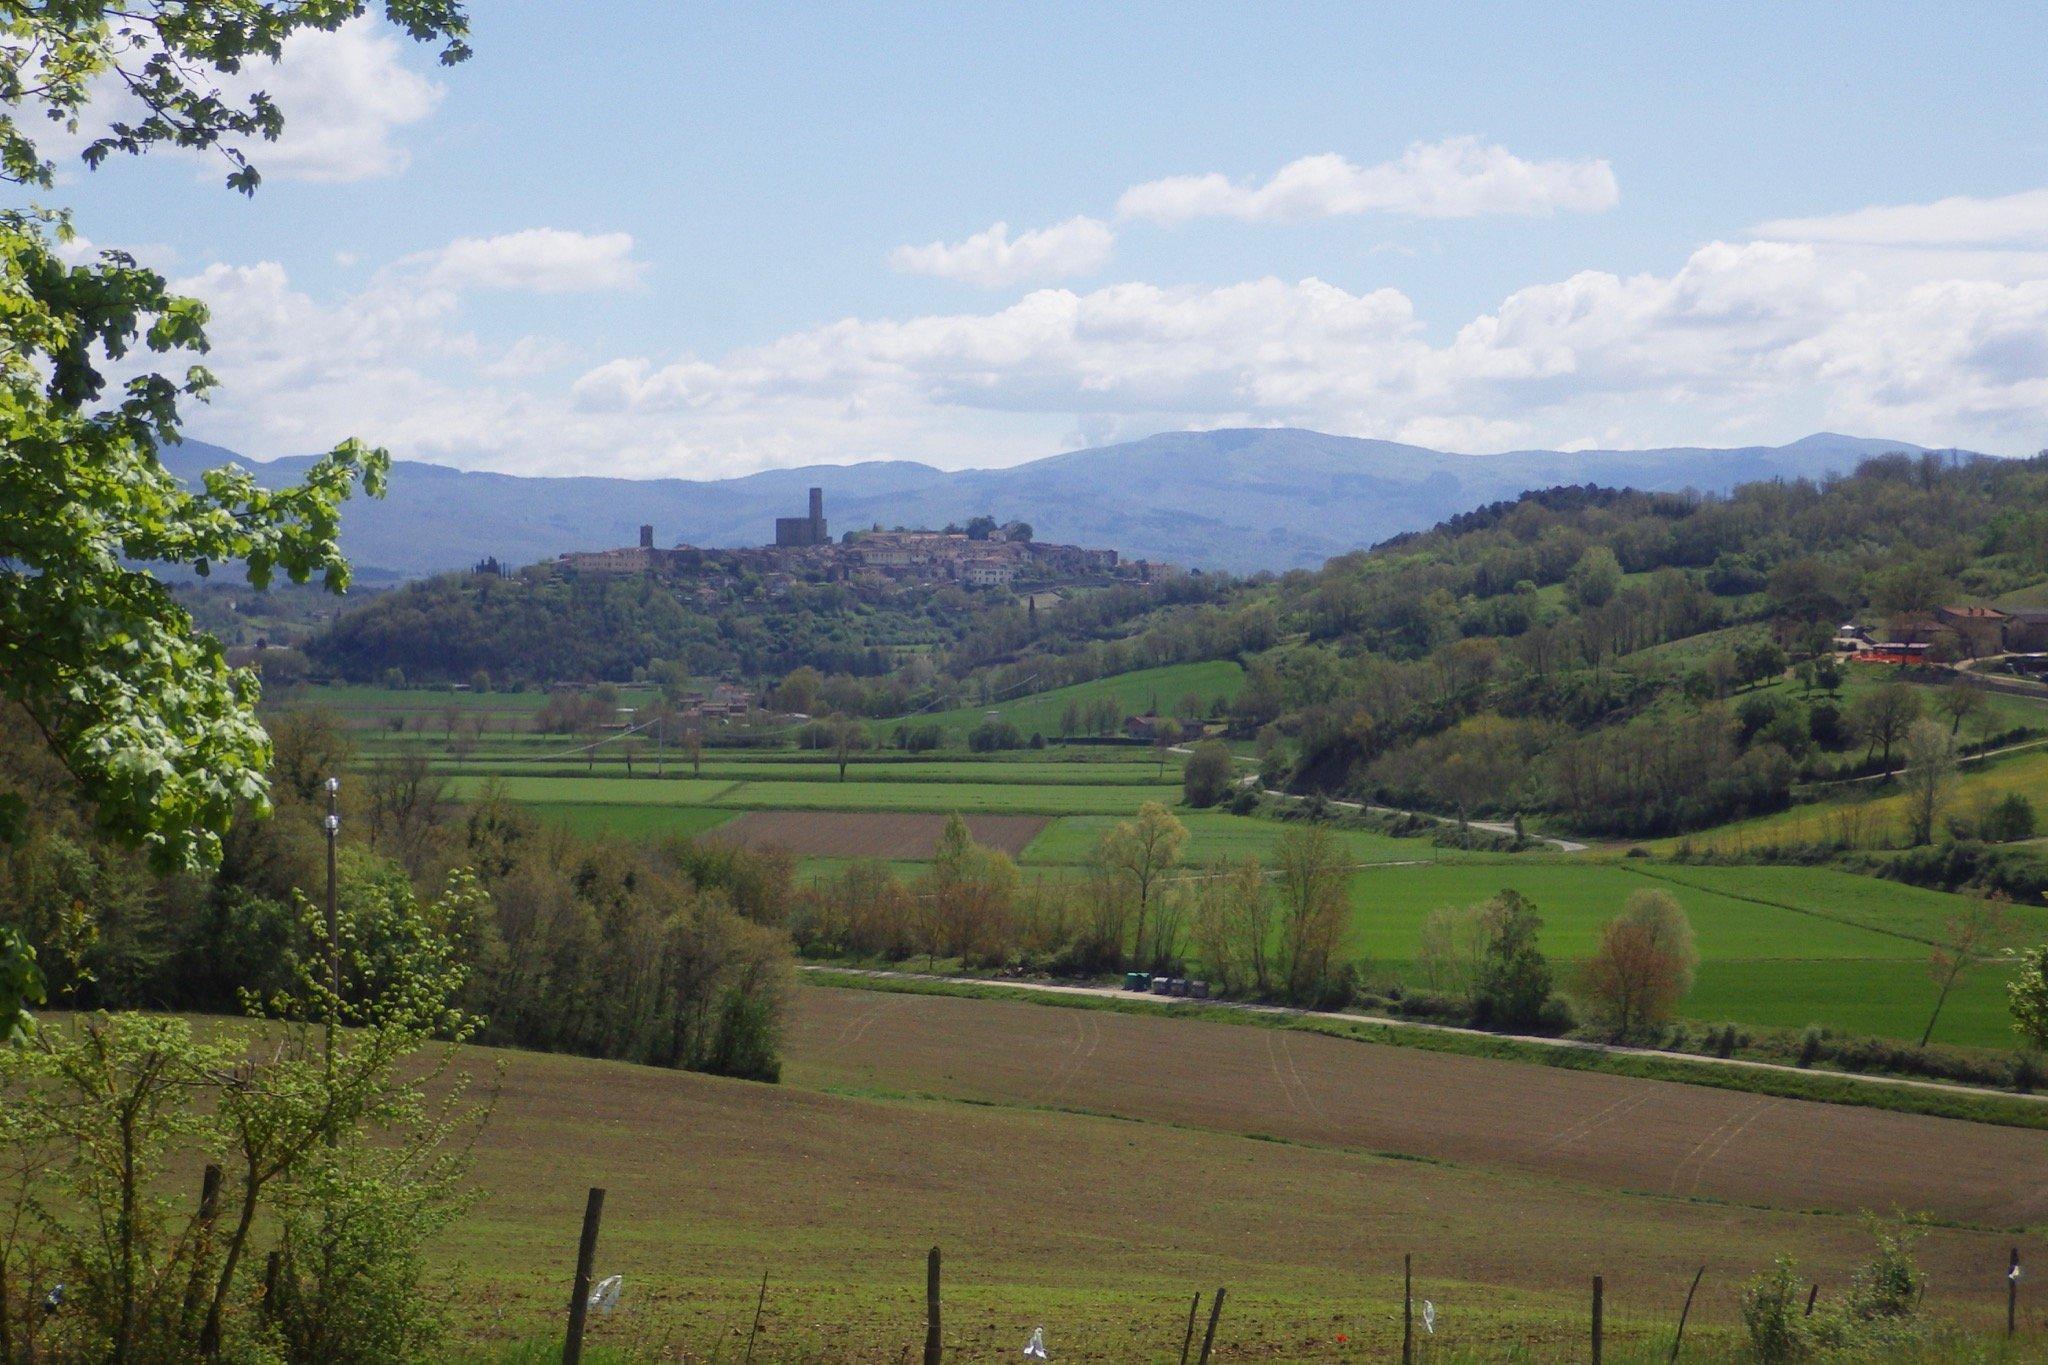 castello-poppi-via-ghibellina